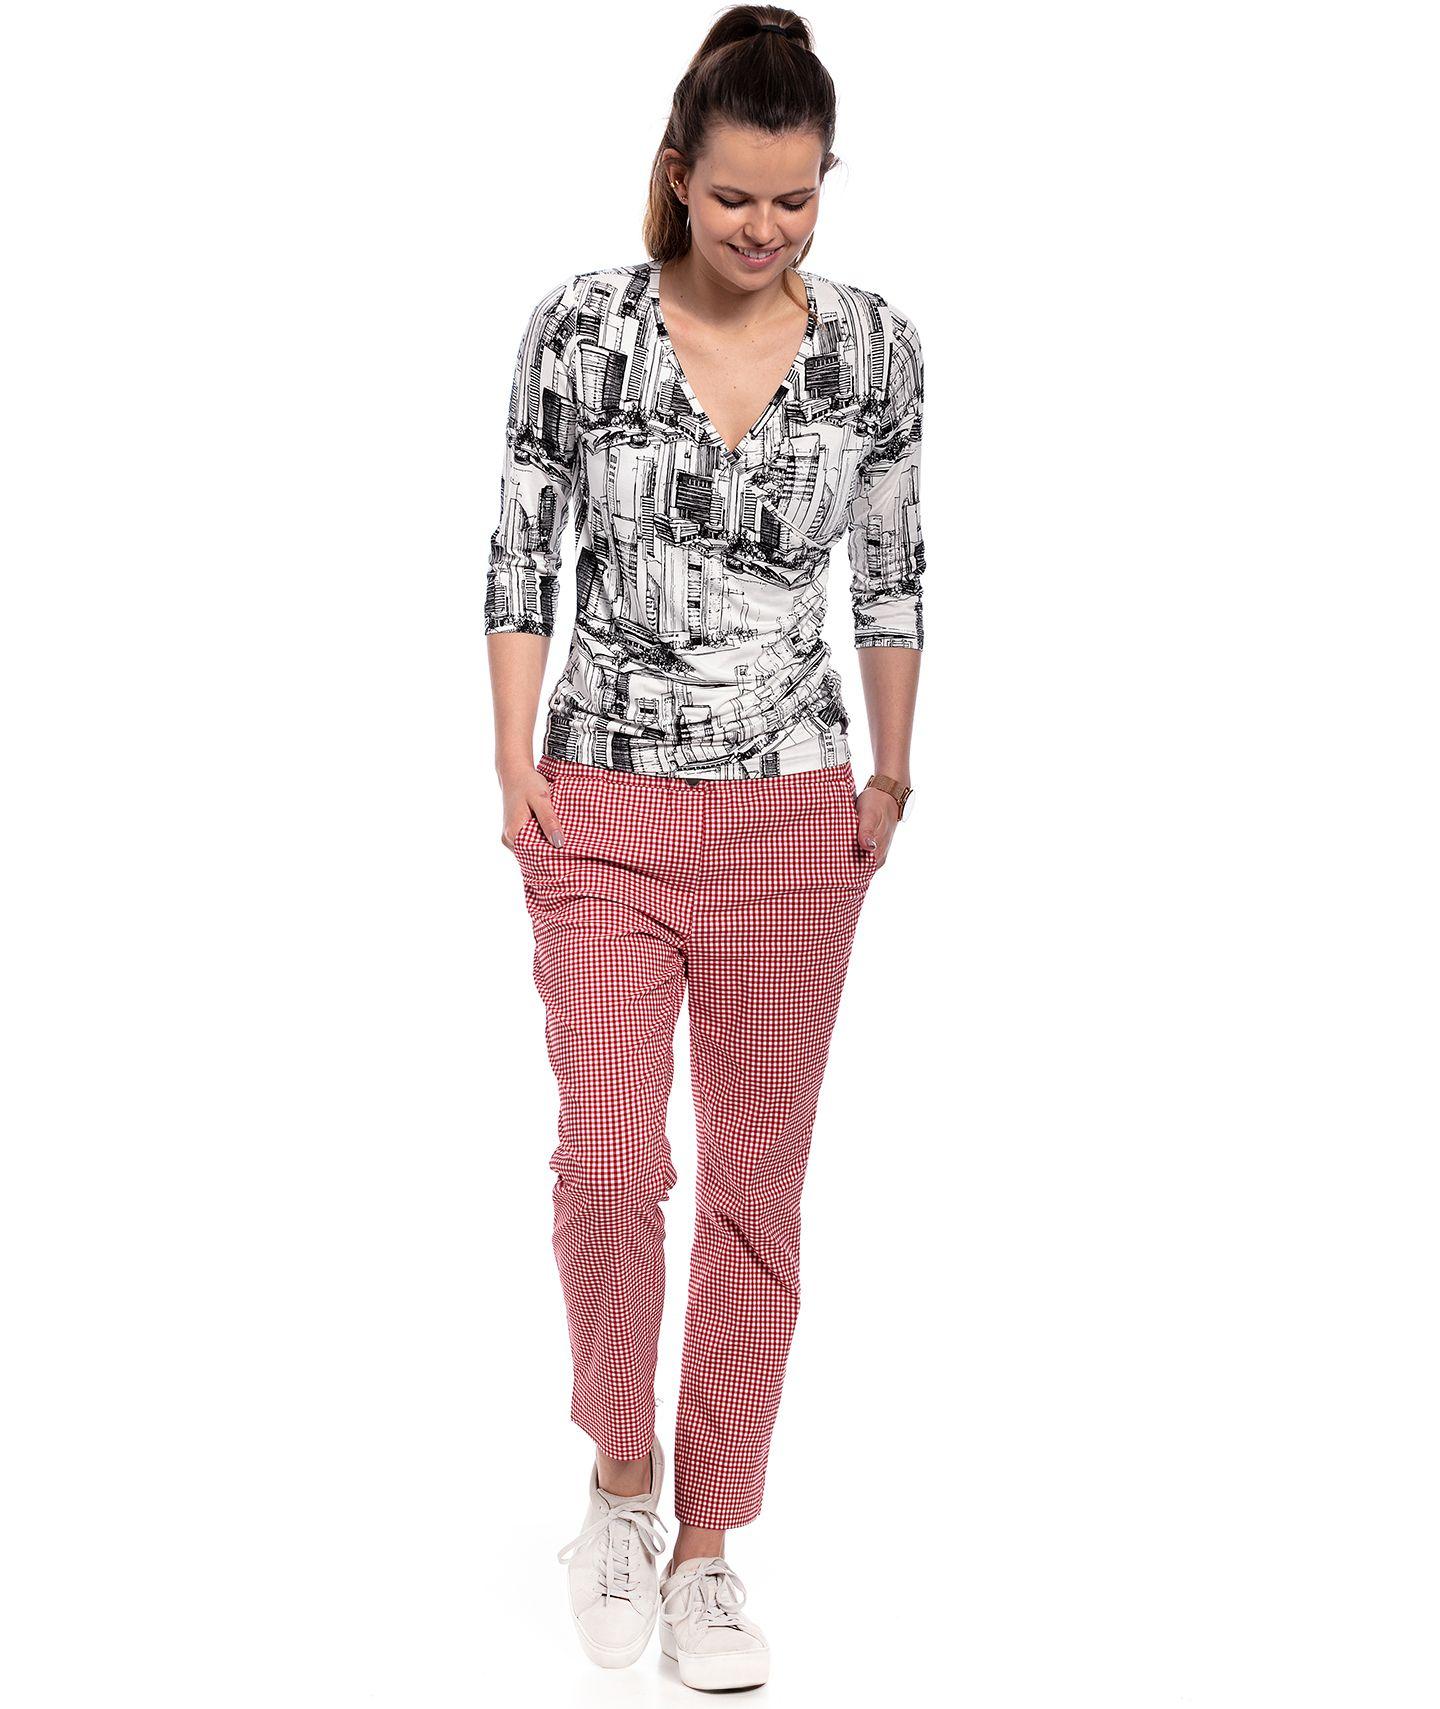 spodnie PANAMA check